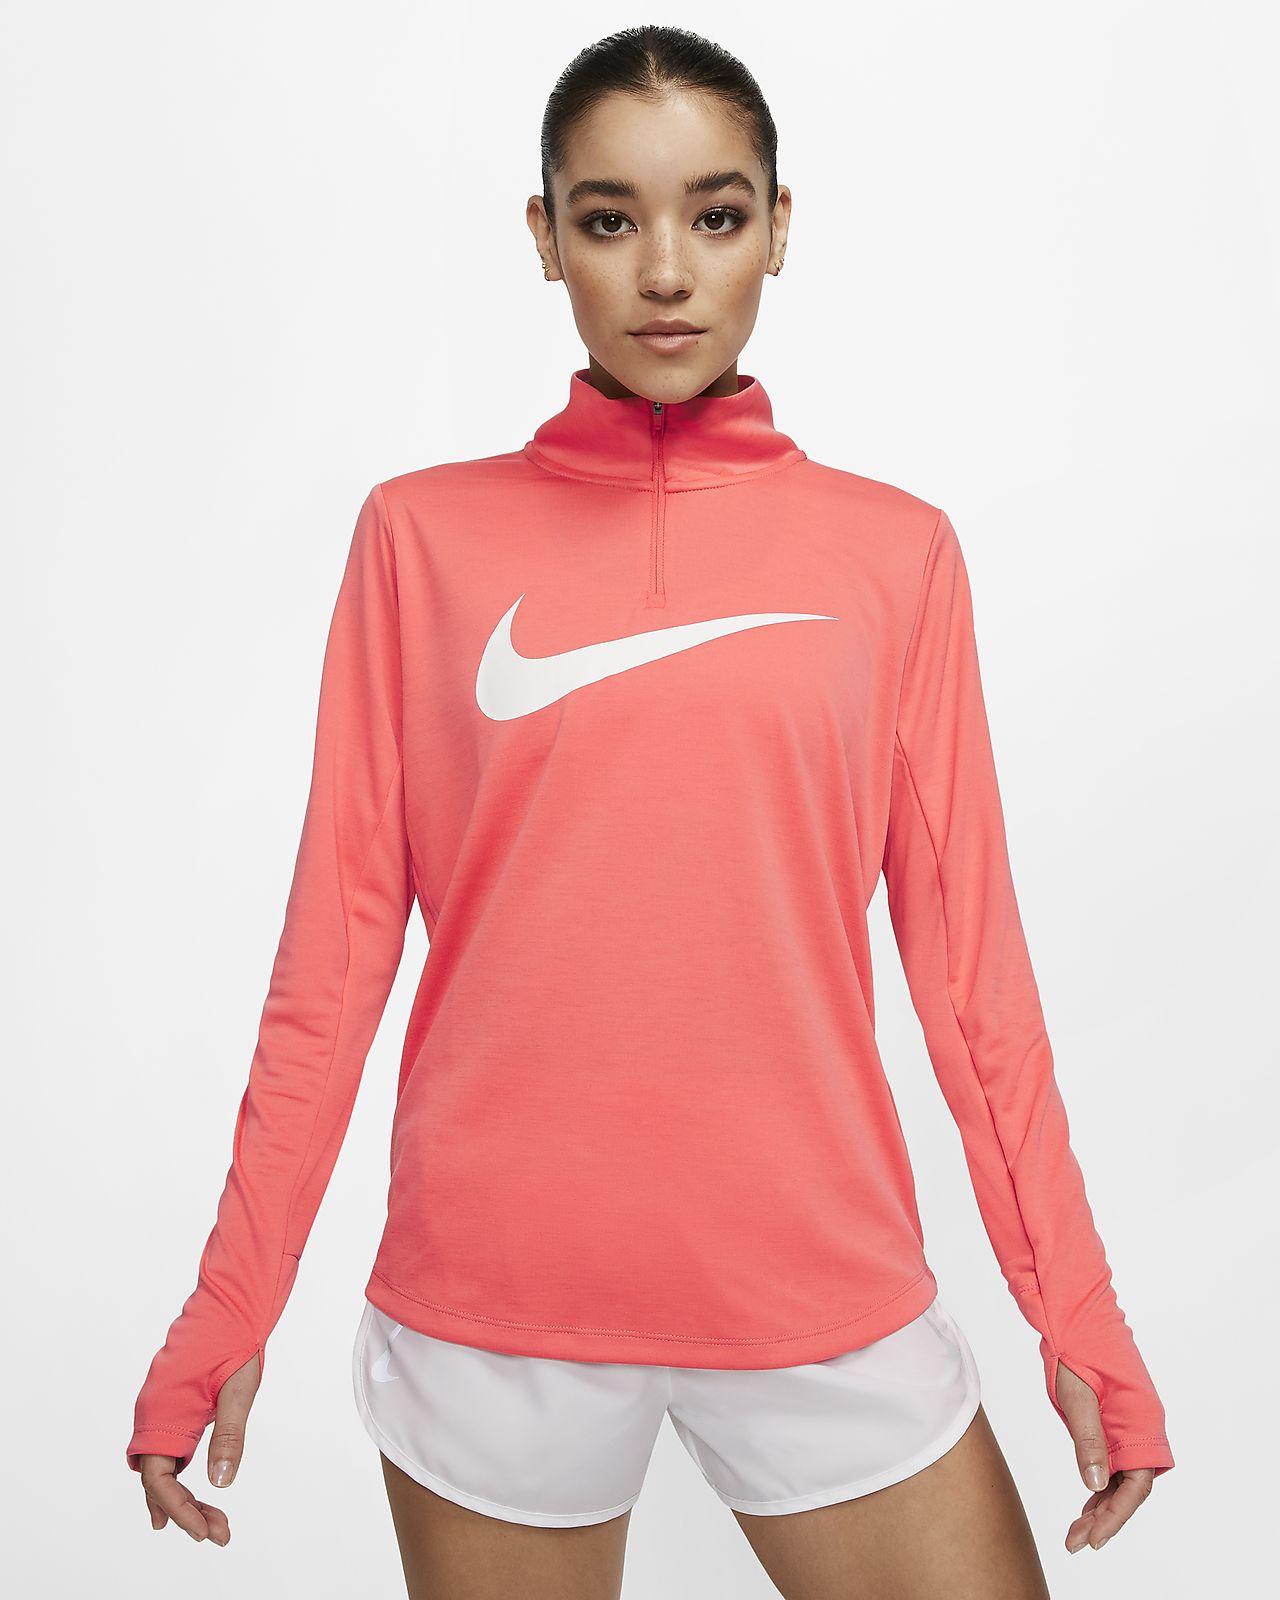 Nike rövid cipzáras női futófelső